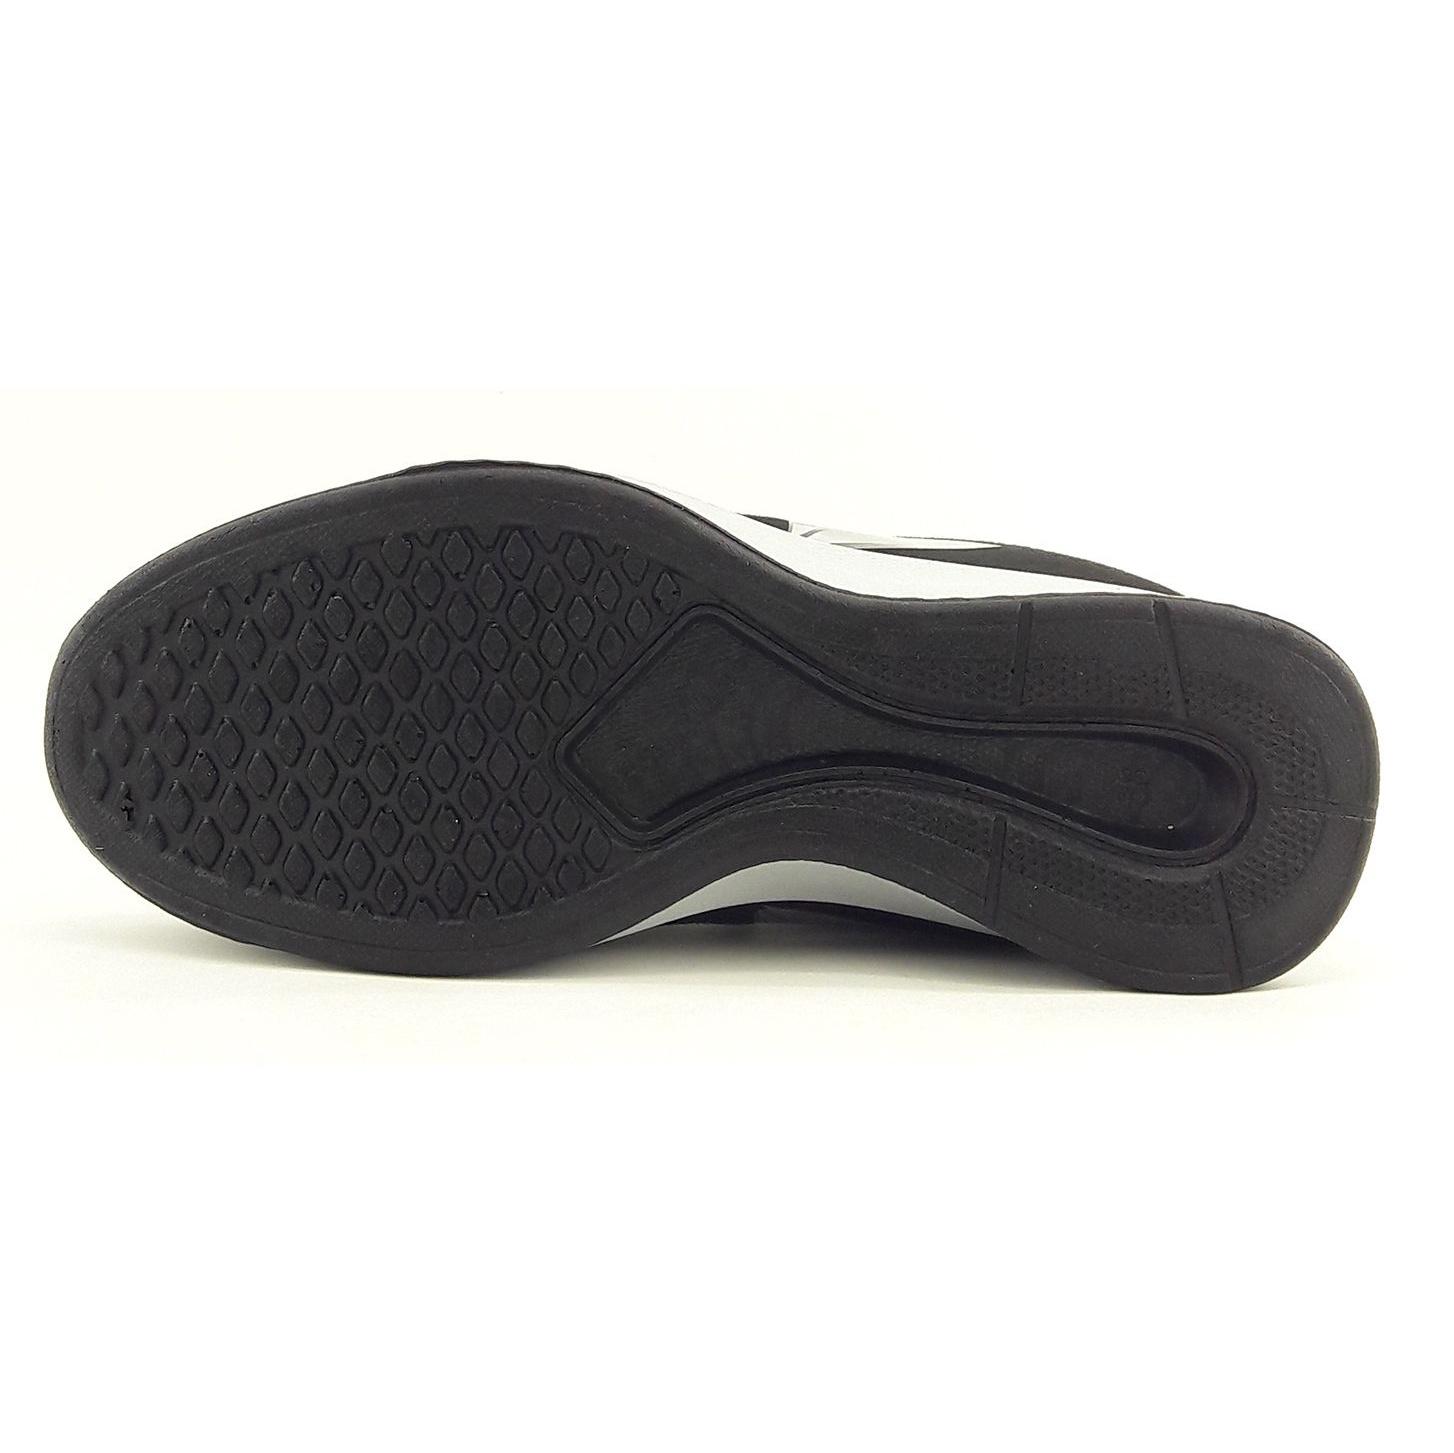 کفش مخصوص پیاده روی زنانه و مردانه رامیلا مدل Rb bl.wh-2019